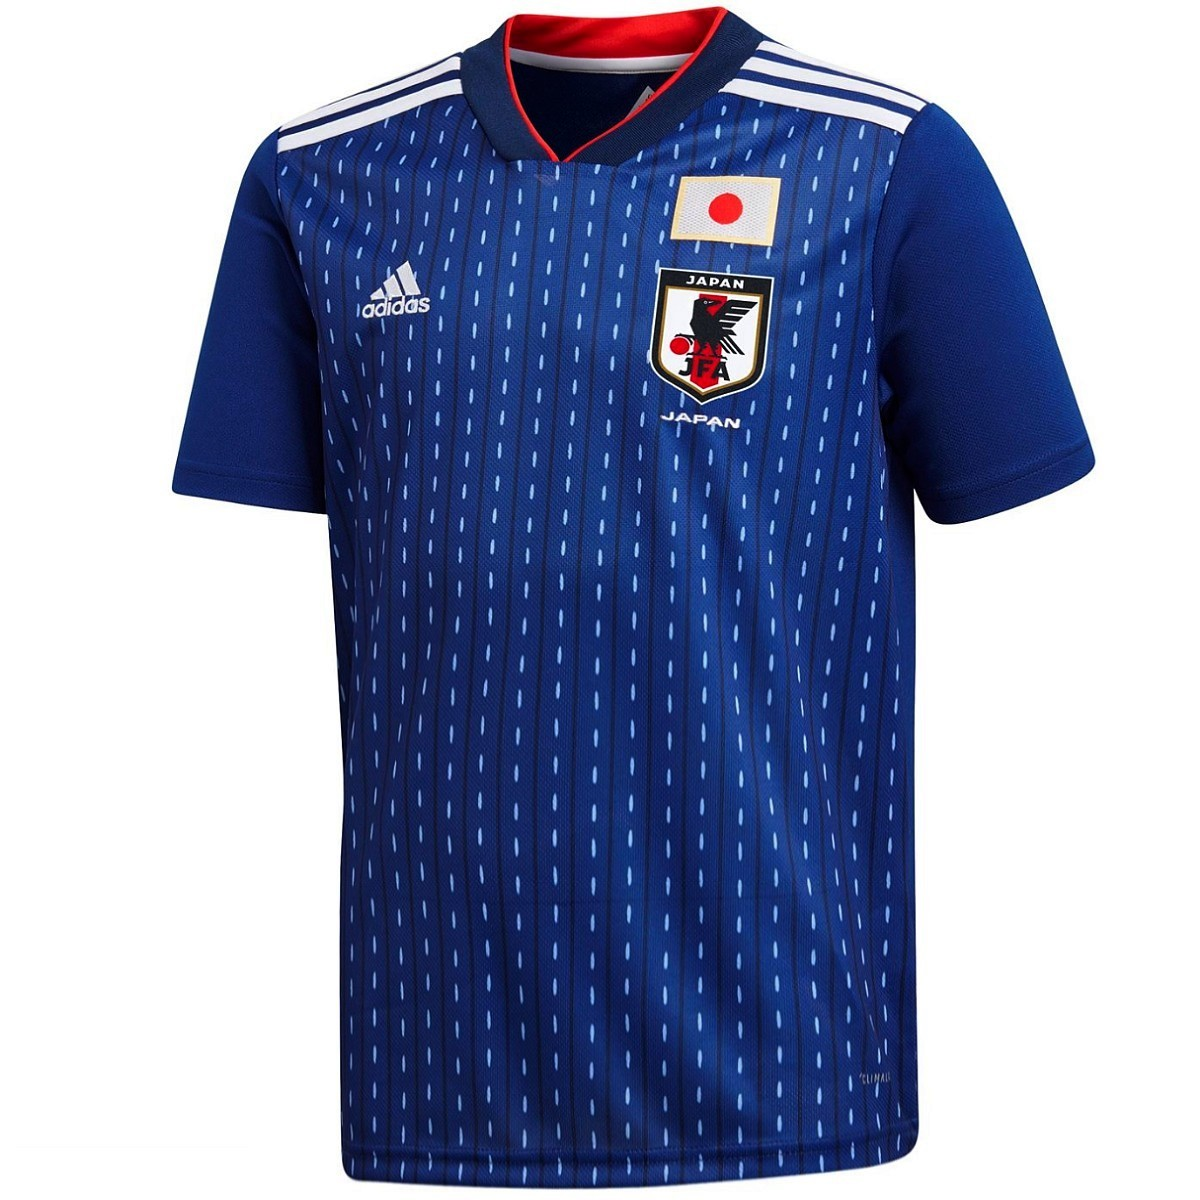 Maillot de foot Japon domicile Coupe du Monde 2018 Adidas